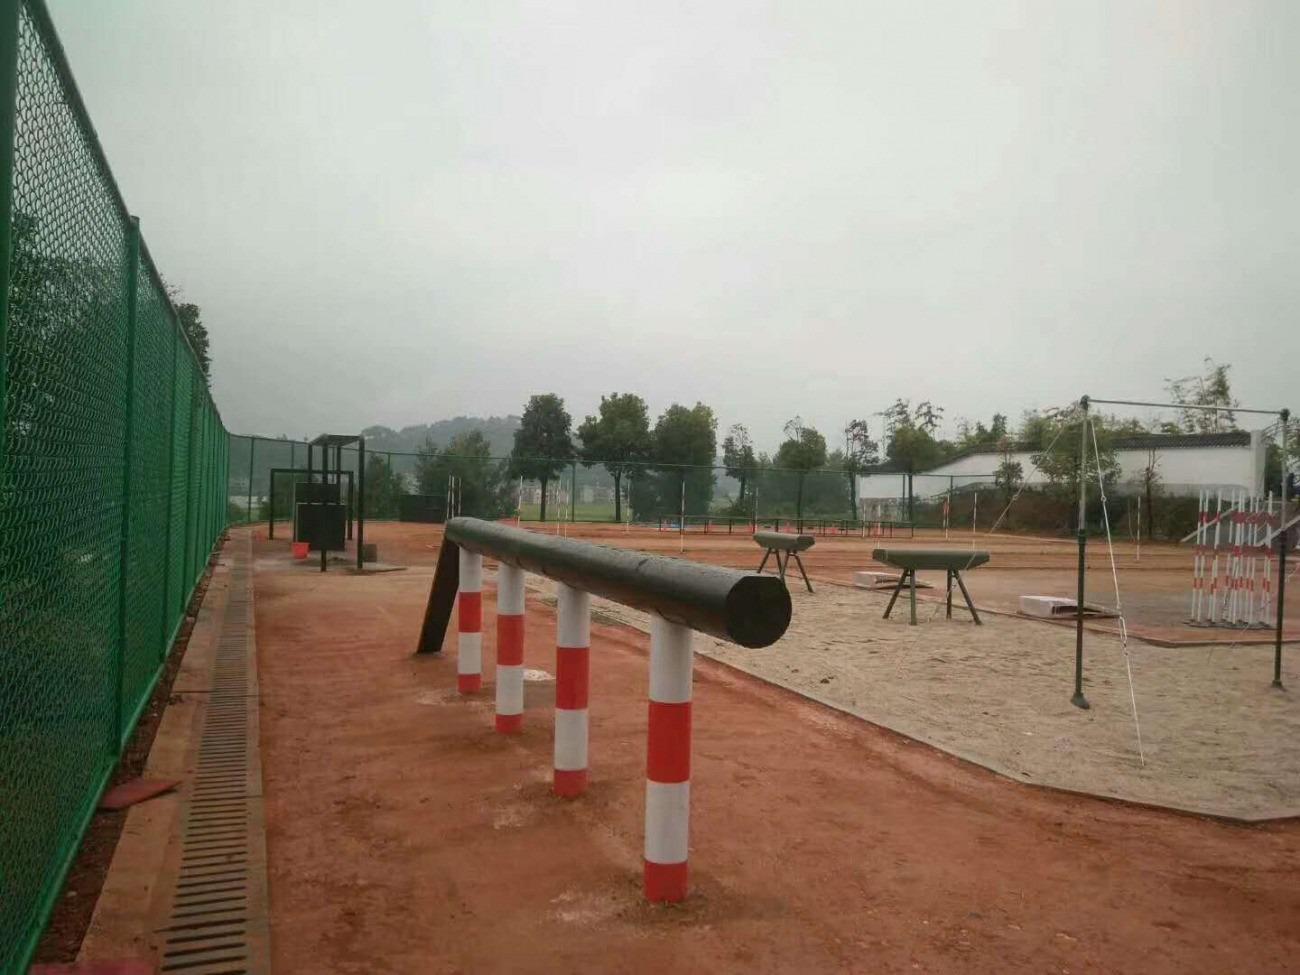 樟樹400米障礙廠家 吉安400米障礙價格